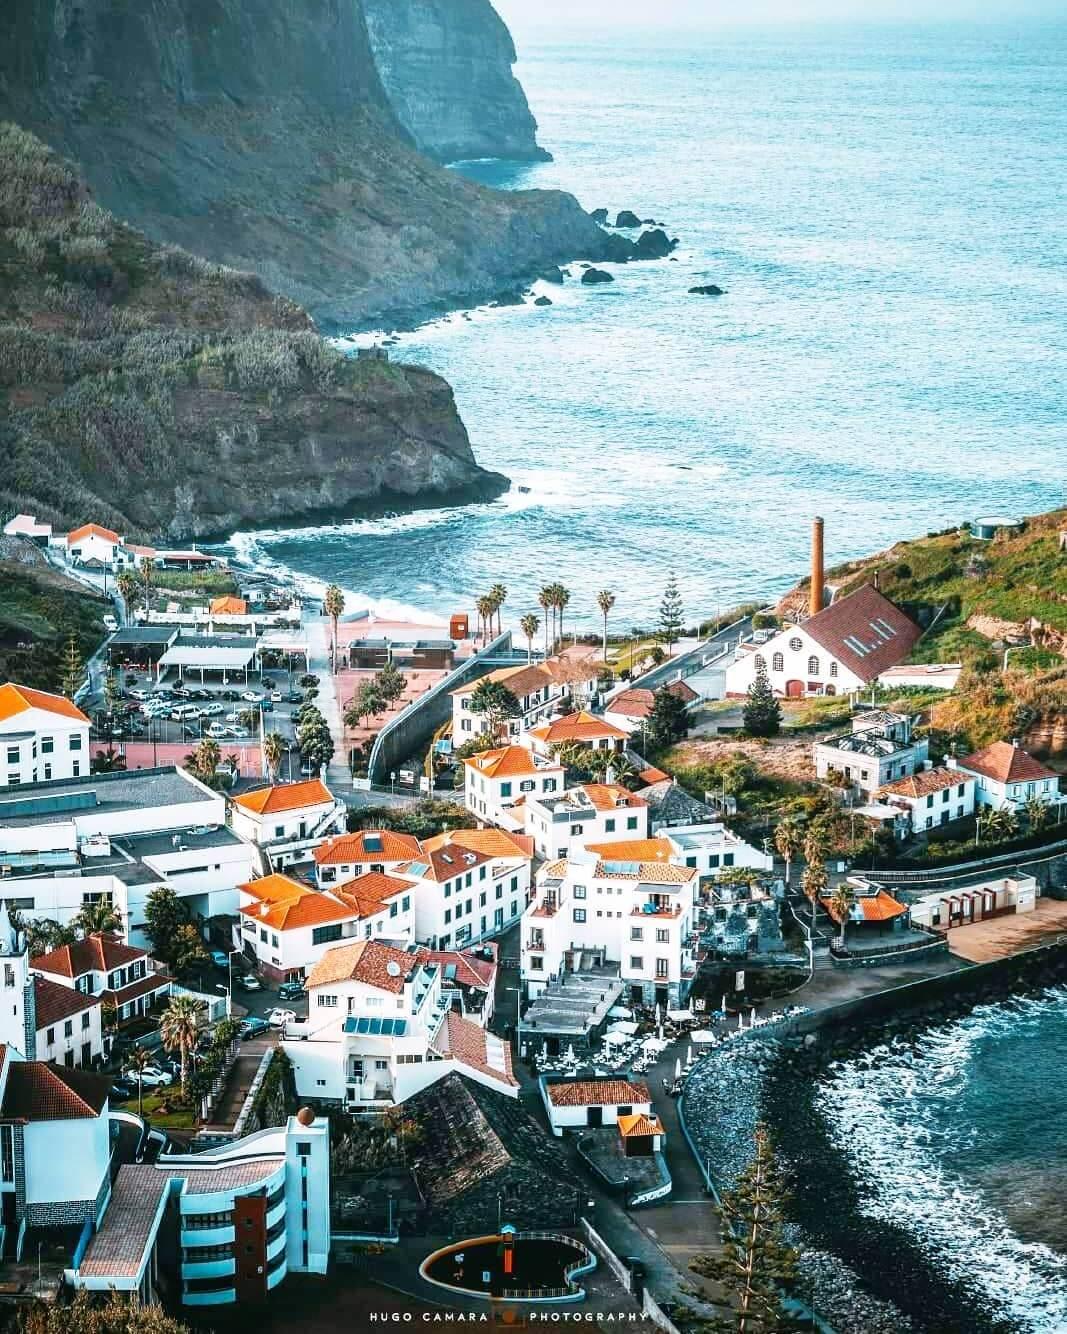 Casa mea porto Da Cruz- Madeira